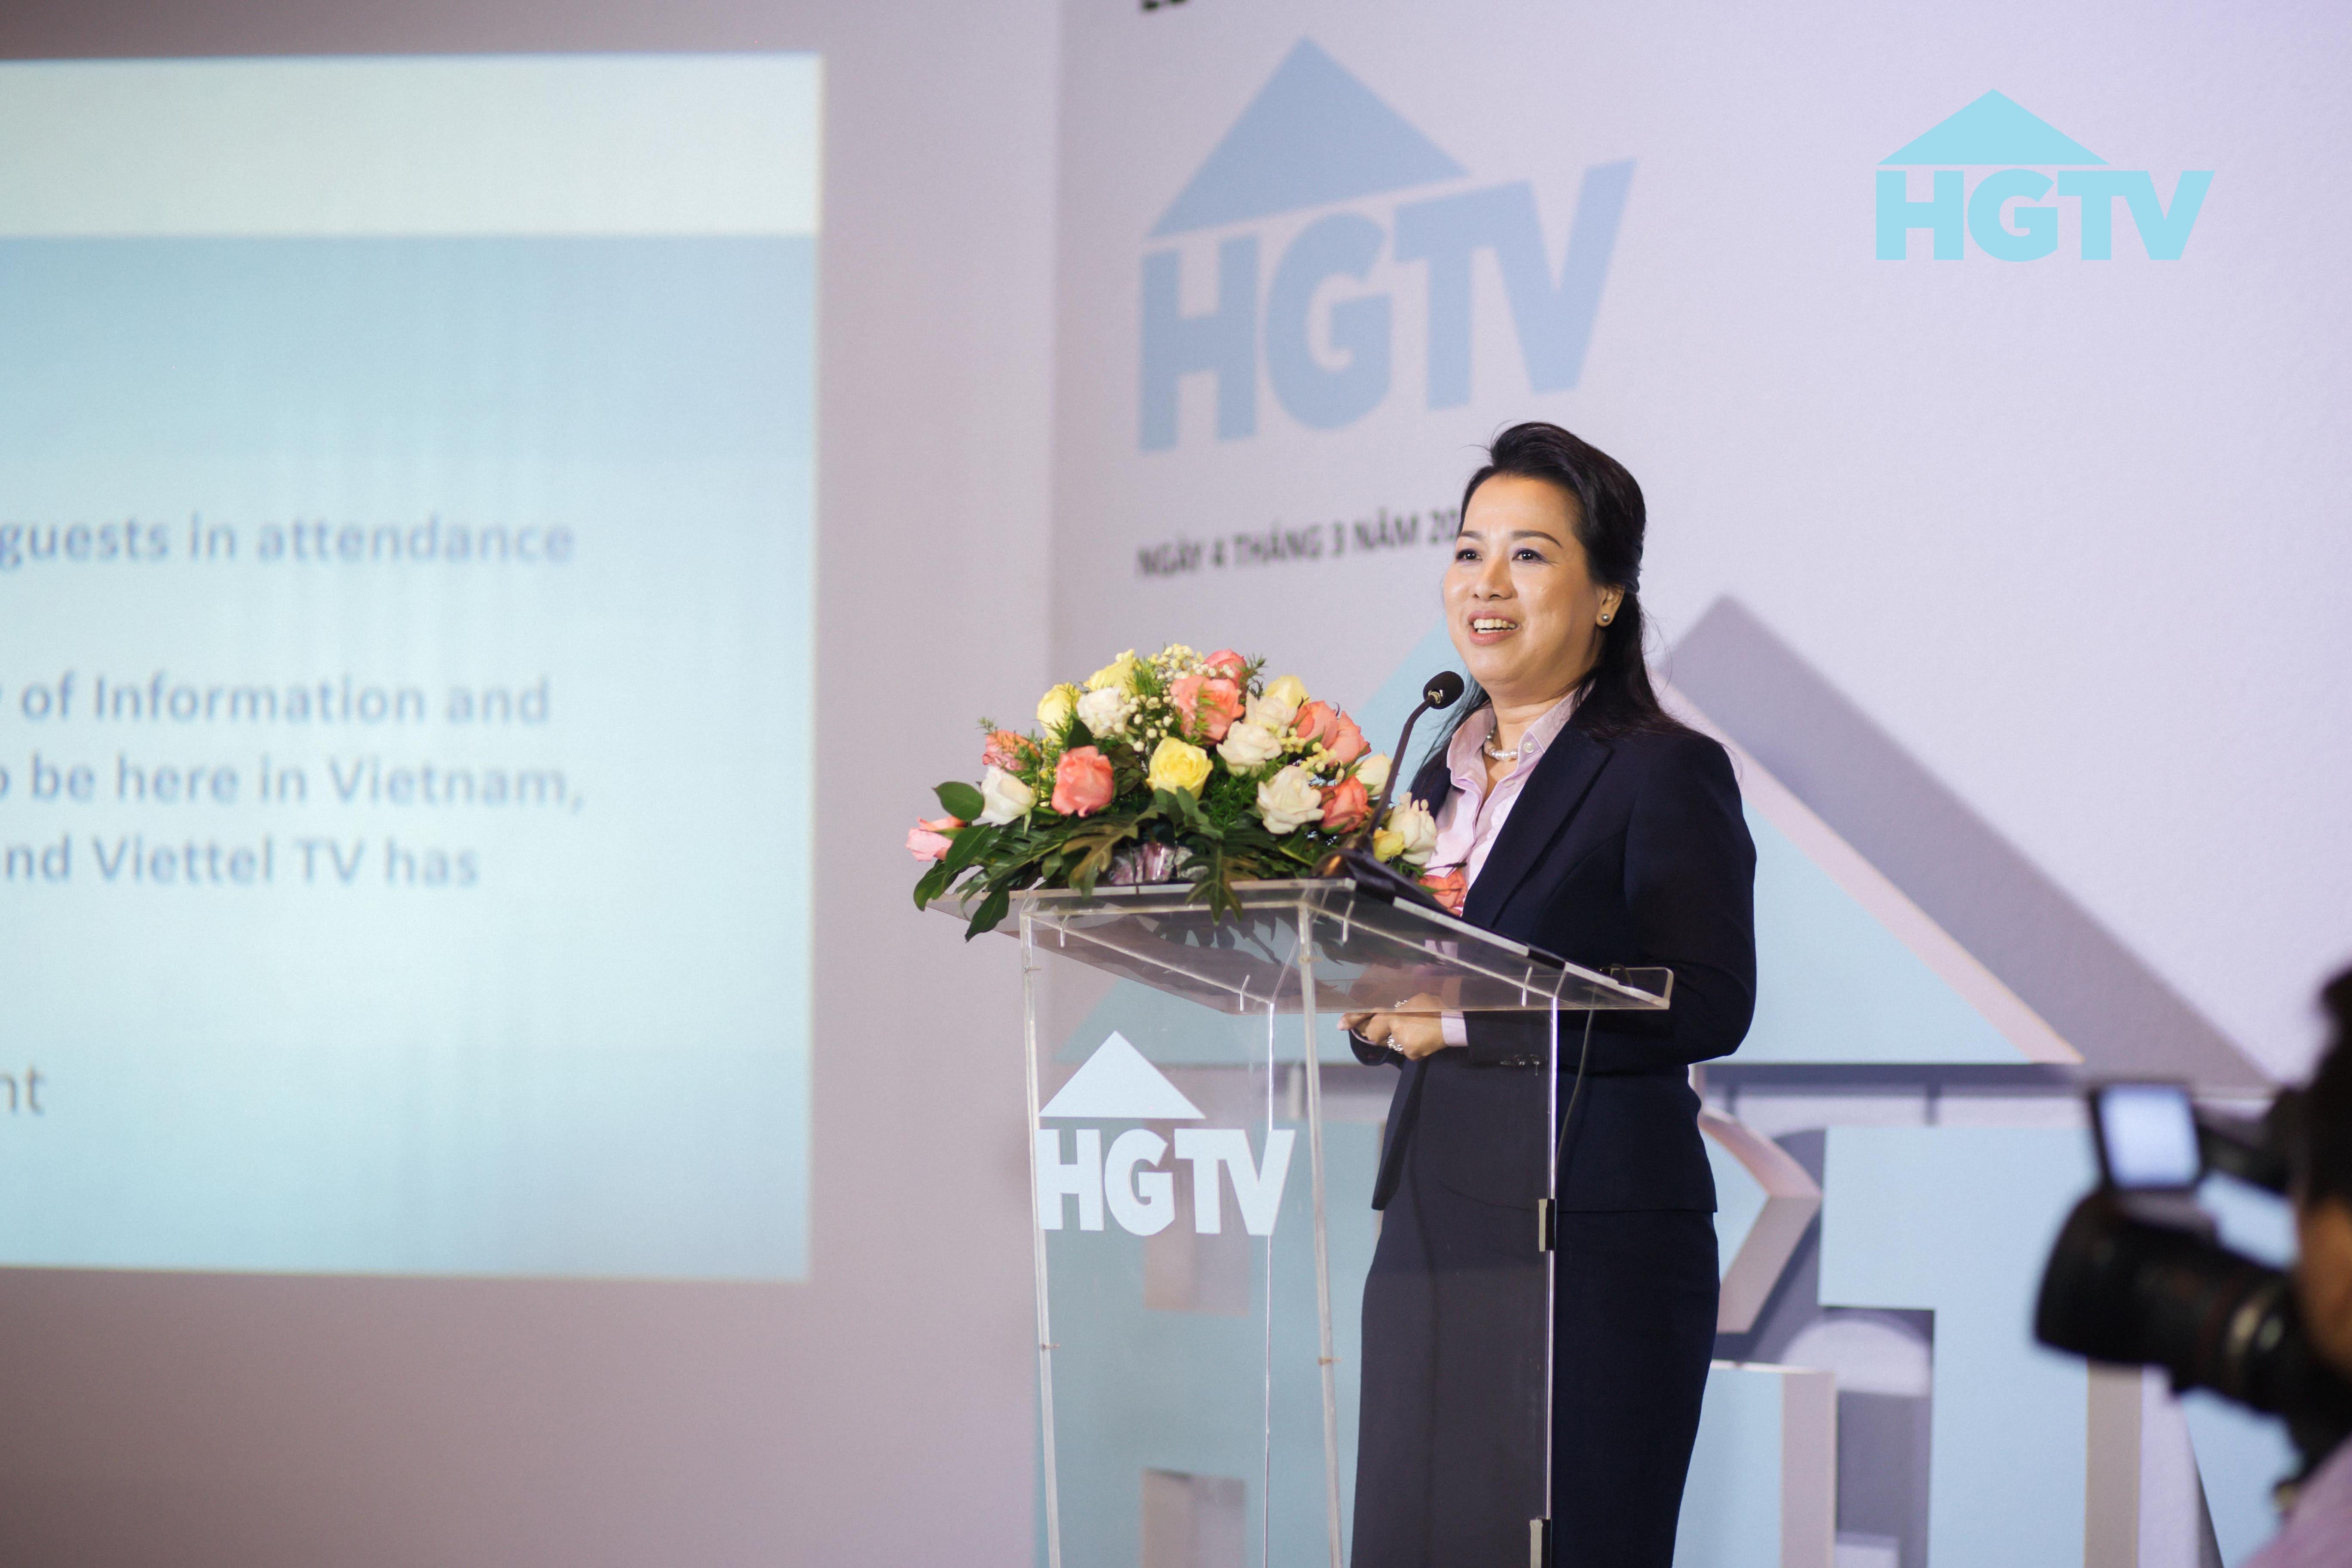 """Discovery Networks """"bắt tay"""" công ty giải trí Thảo Lê ra mắt kênh truyền hình HGTV"""